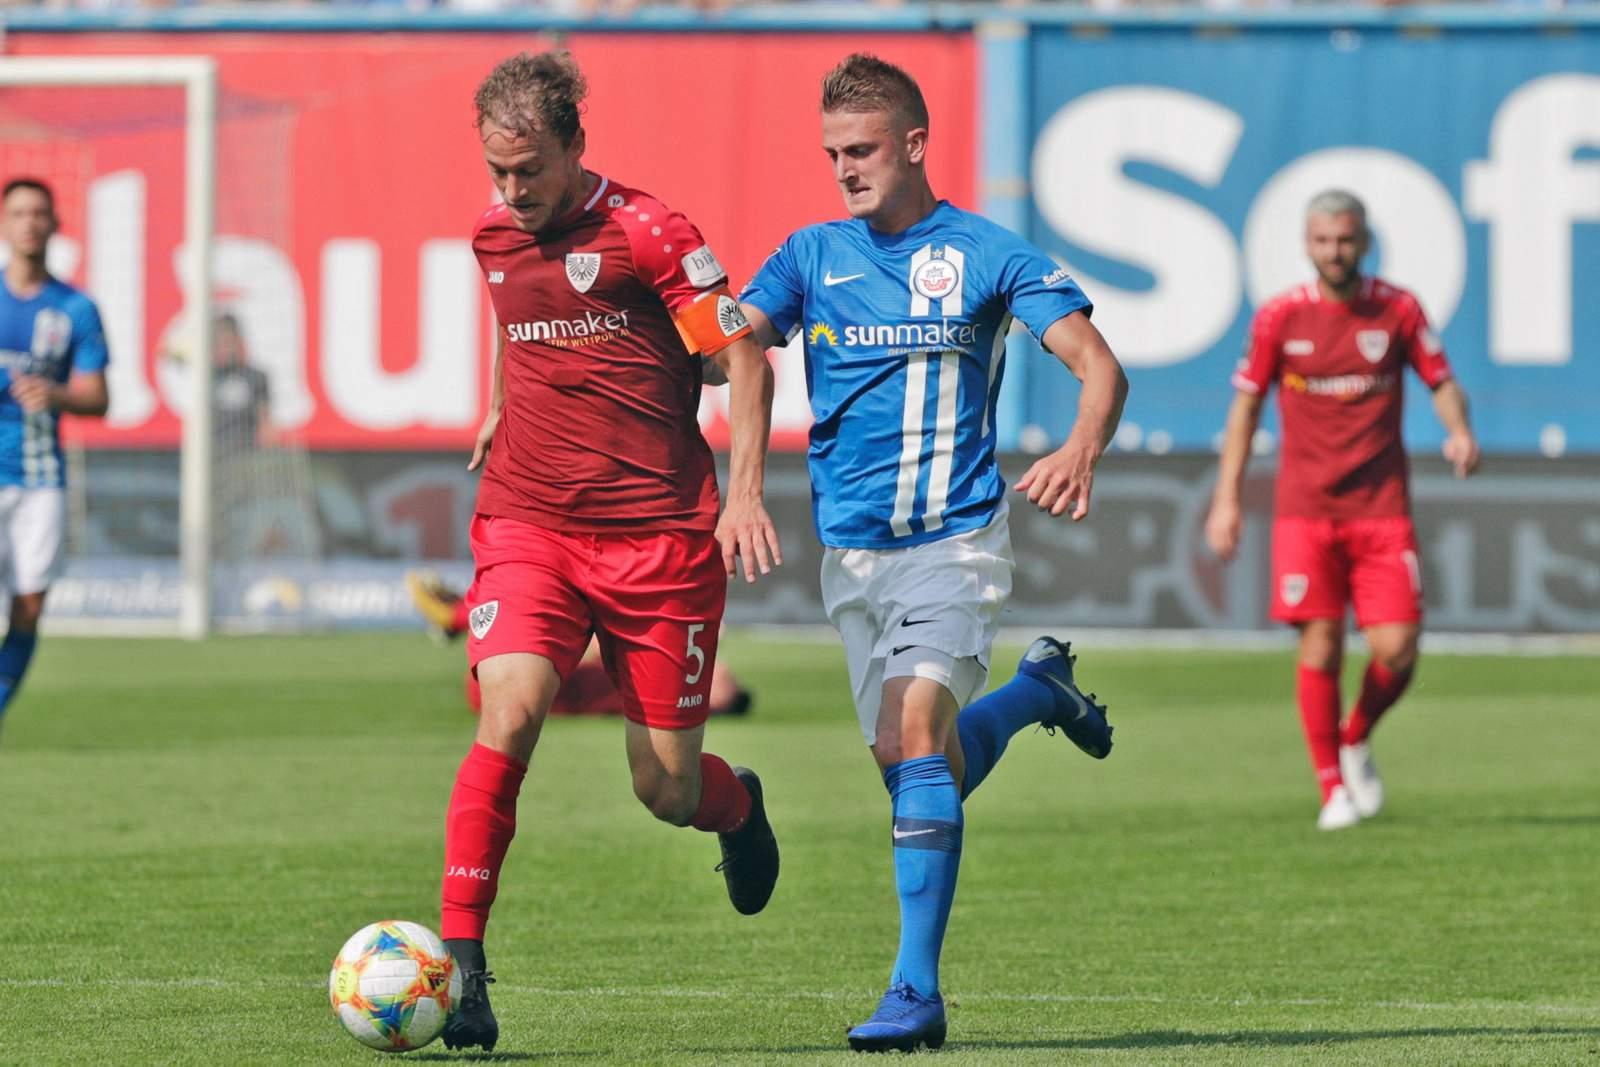 Julian Schuaerte von Preußen Münster gegen Nico Neidhardt von Hansa Rostock